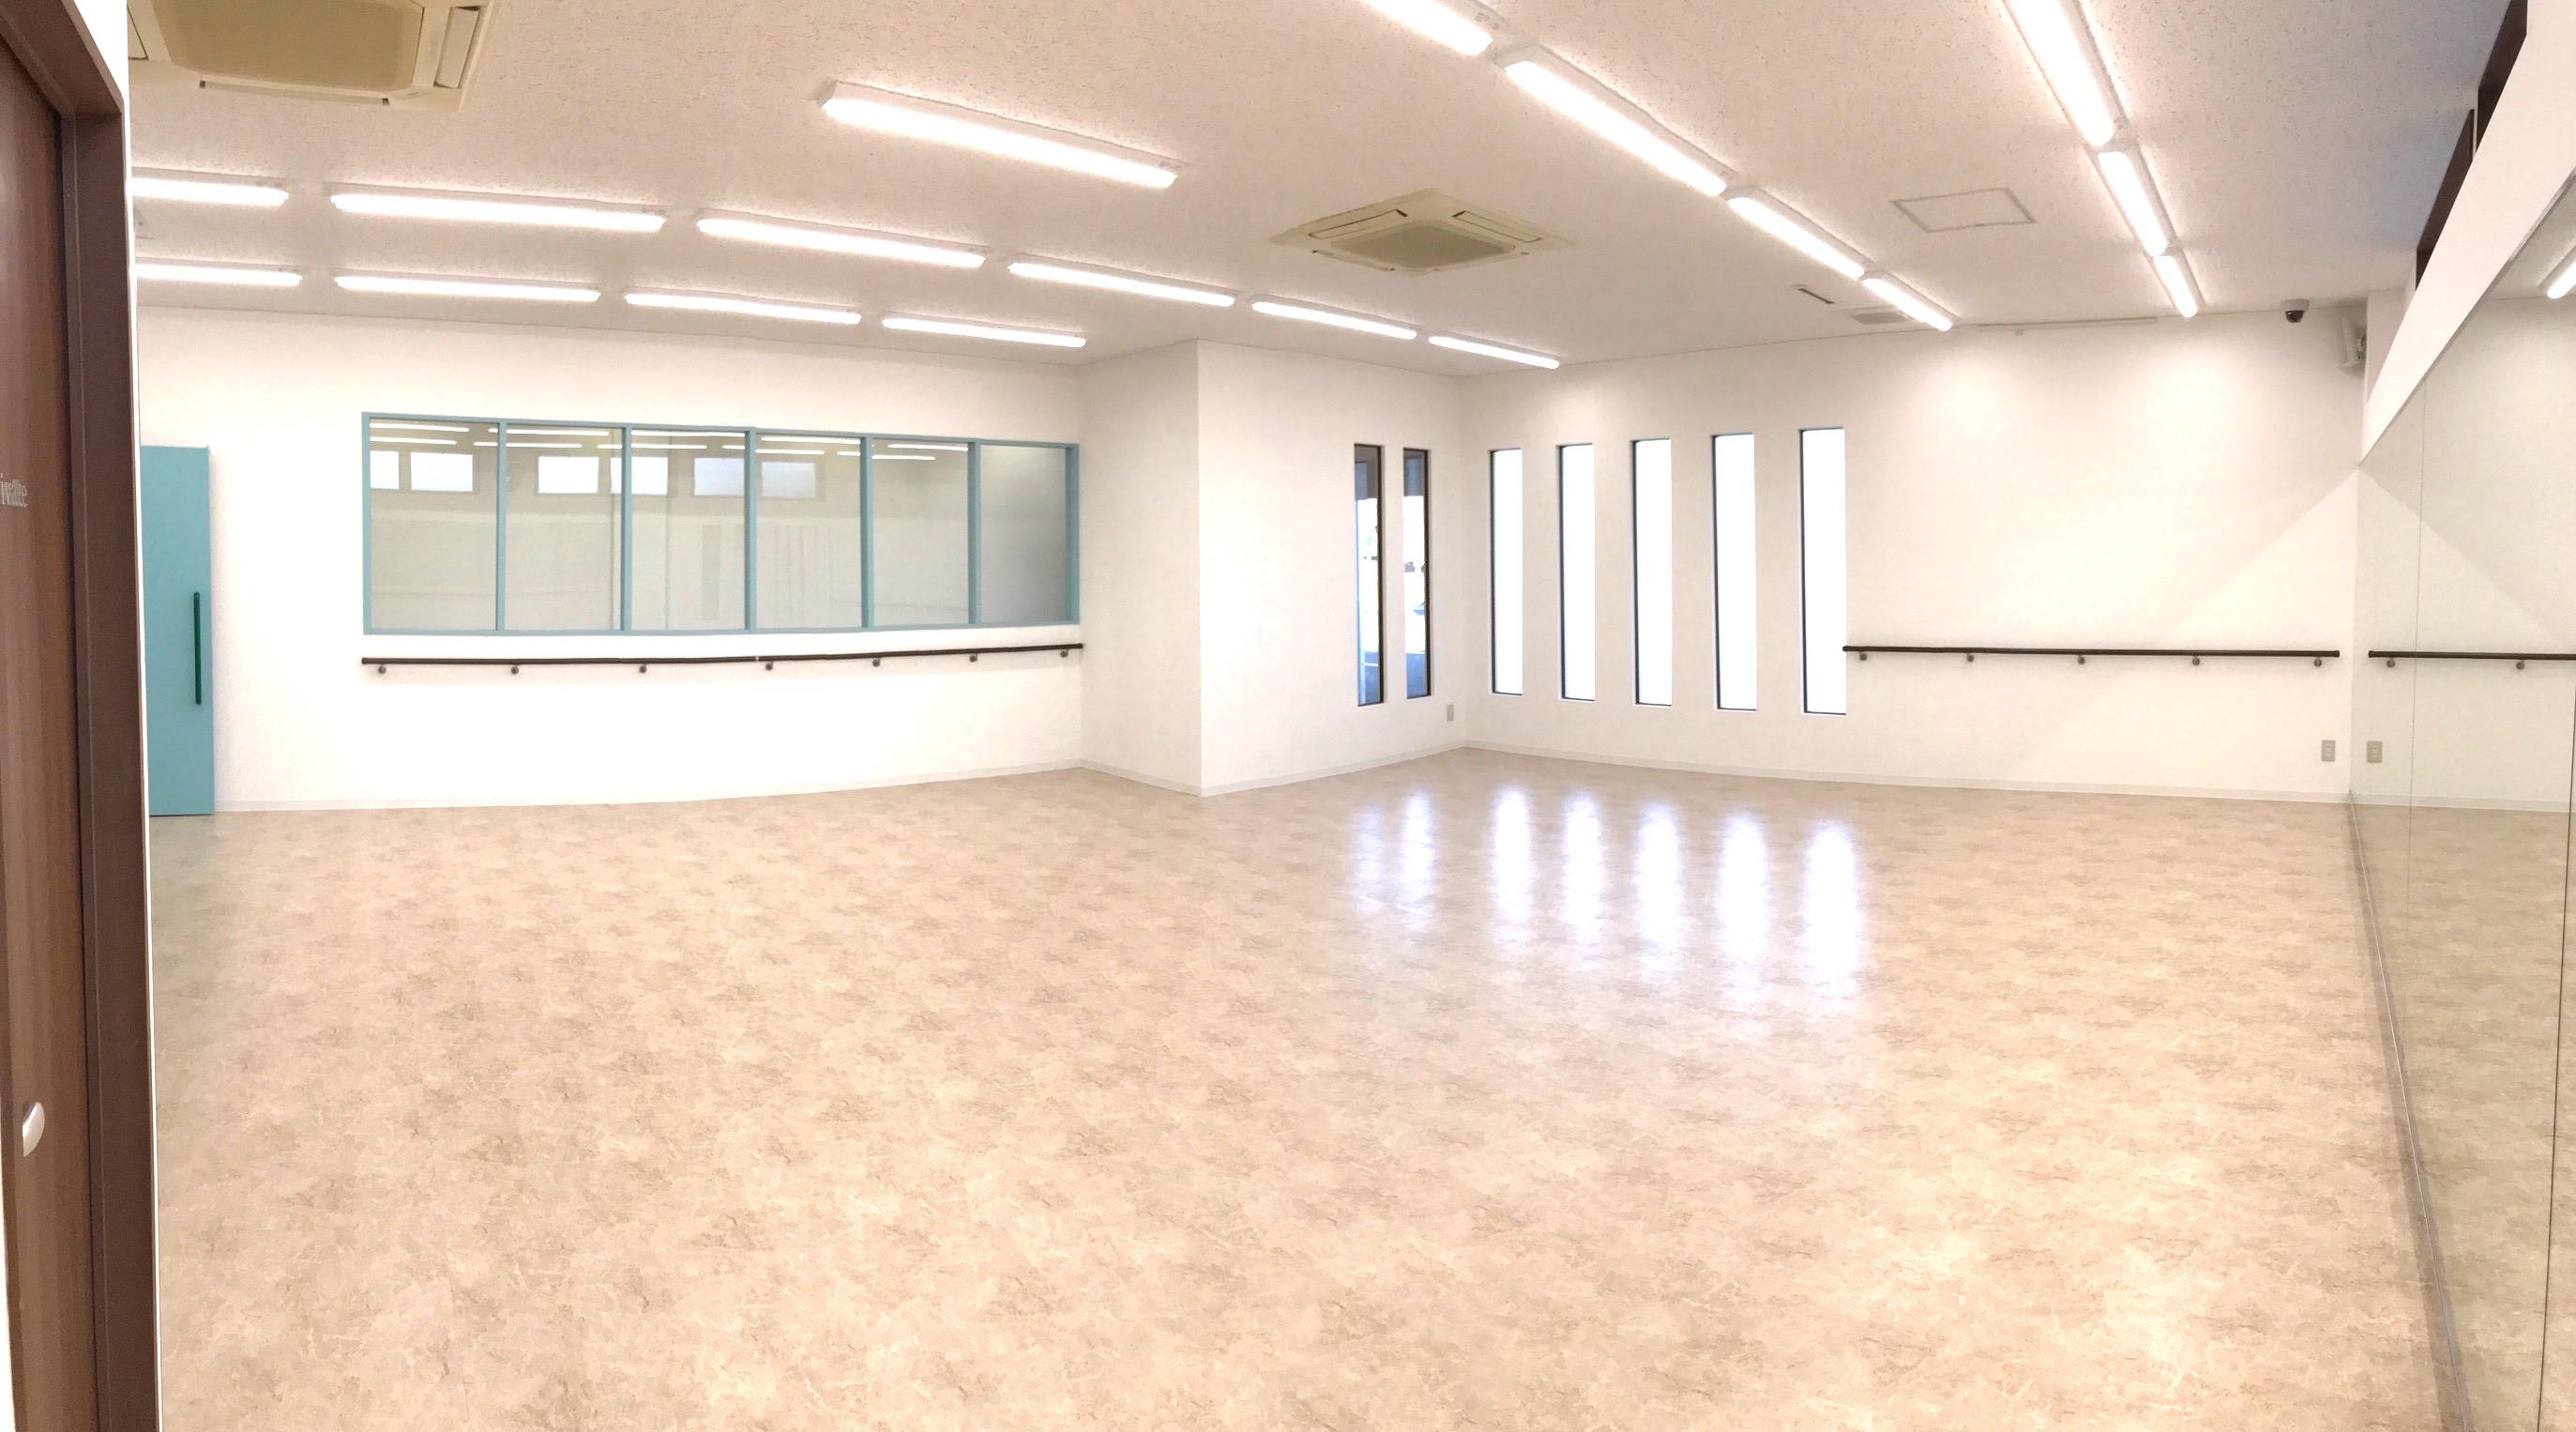 ot ACADEMY (オーティーアカデミー)のスタジオ風景